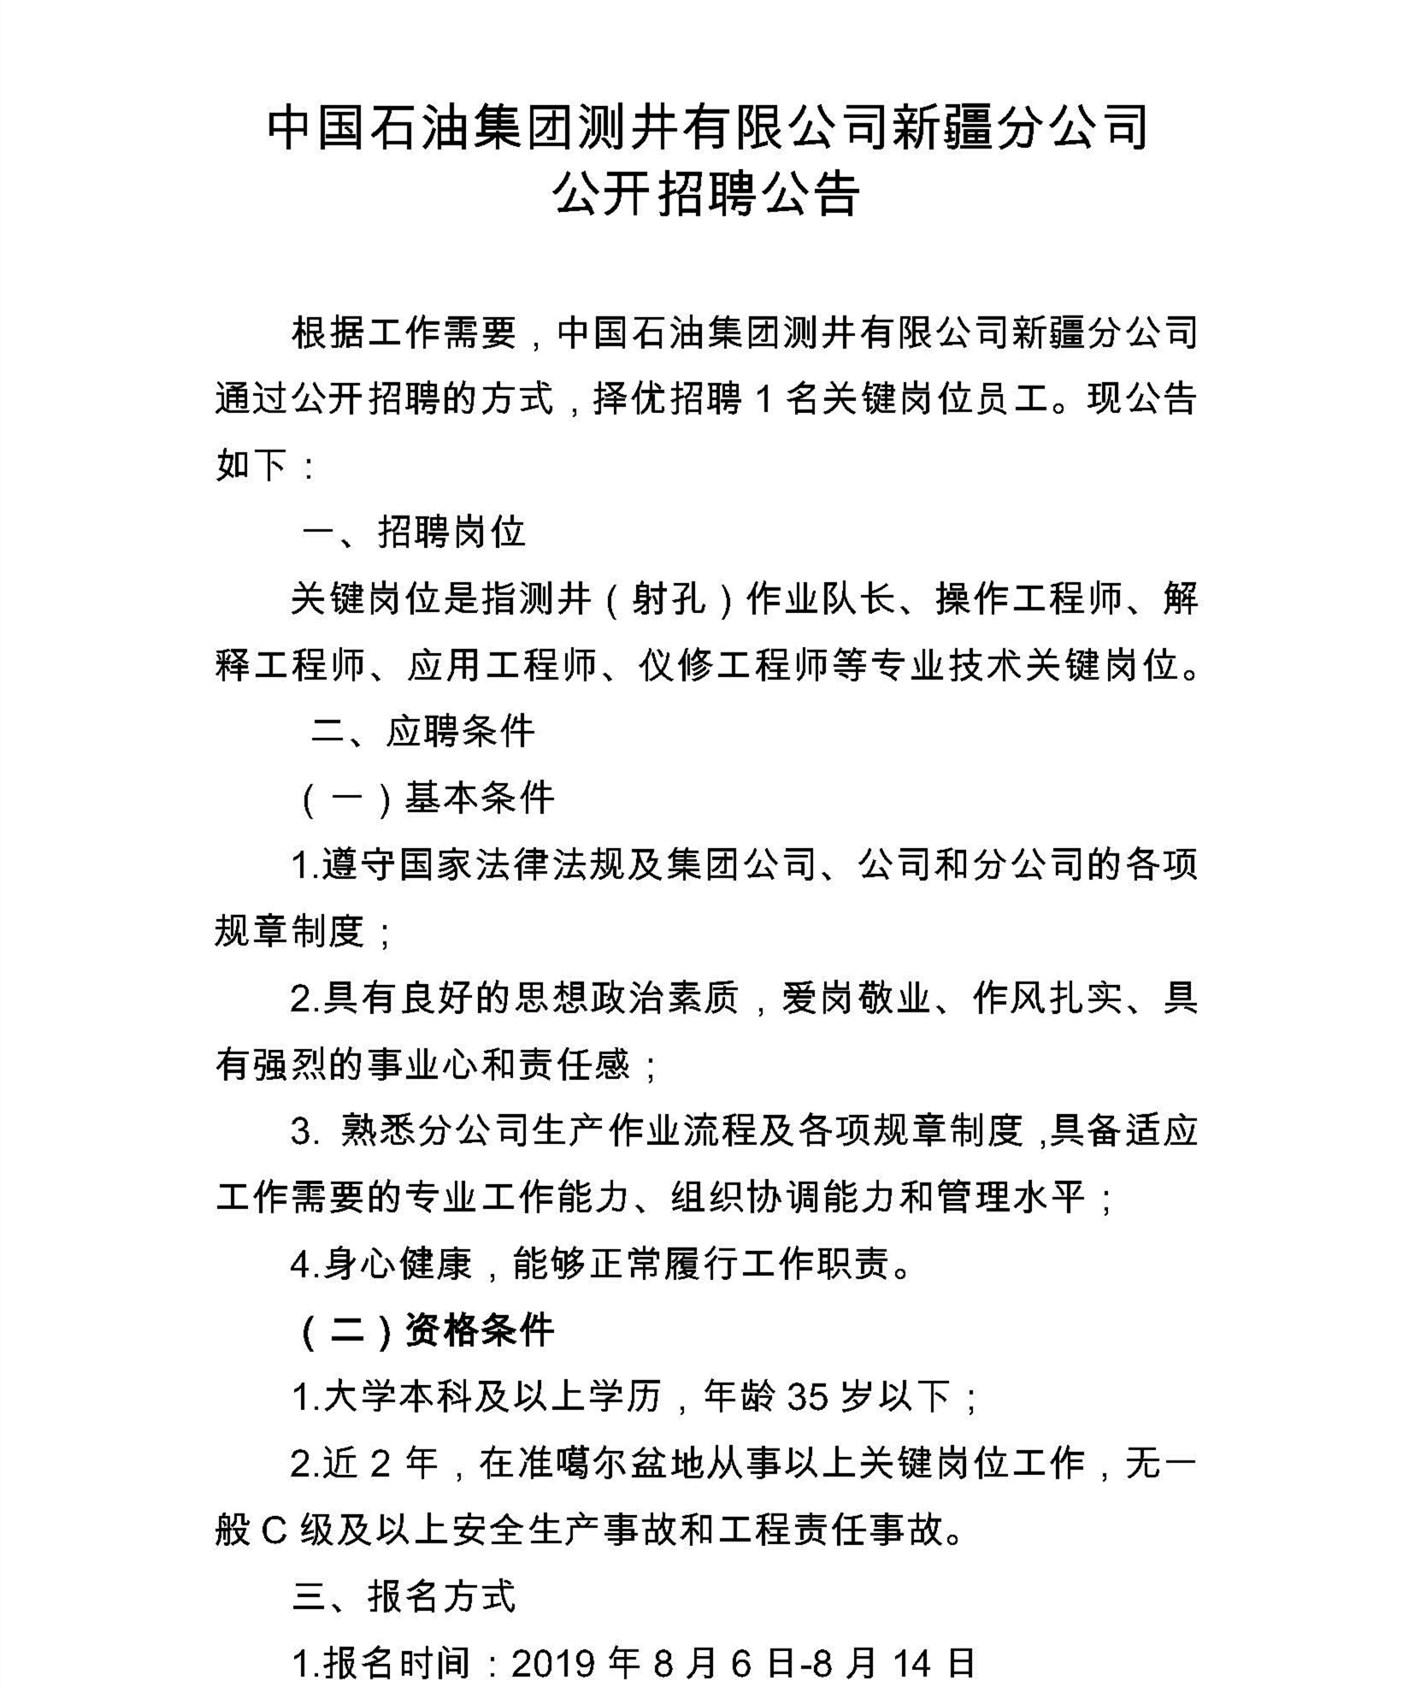 公开招聘公告-中国石油集团测井有限公司新疆分公司_页面_1_副本